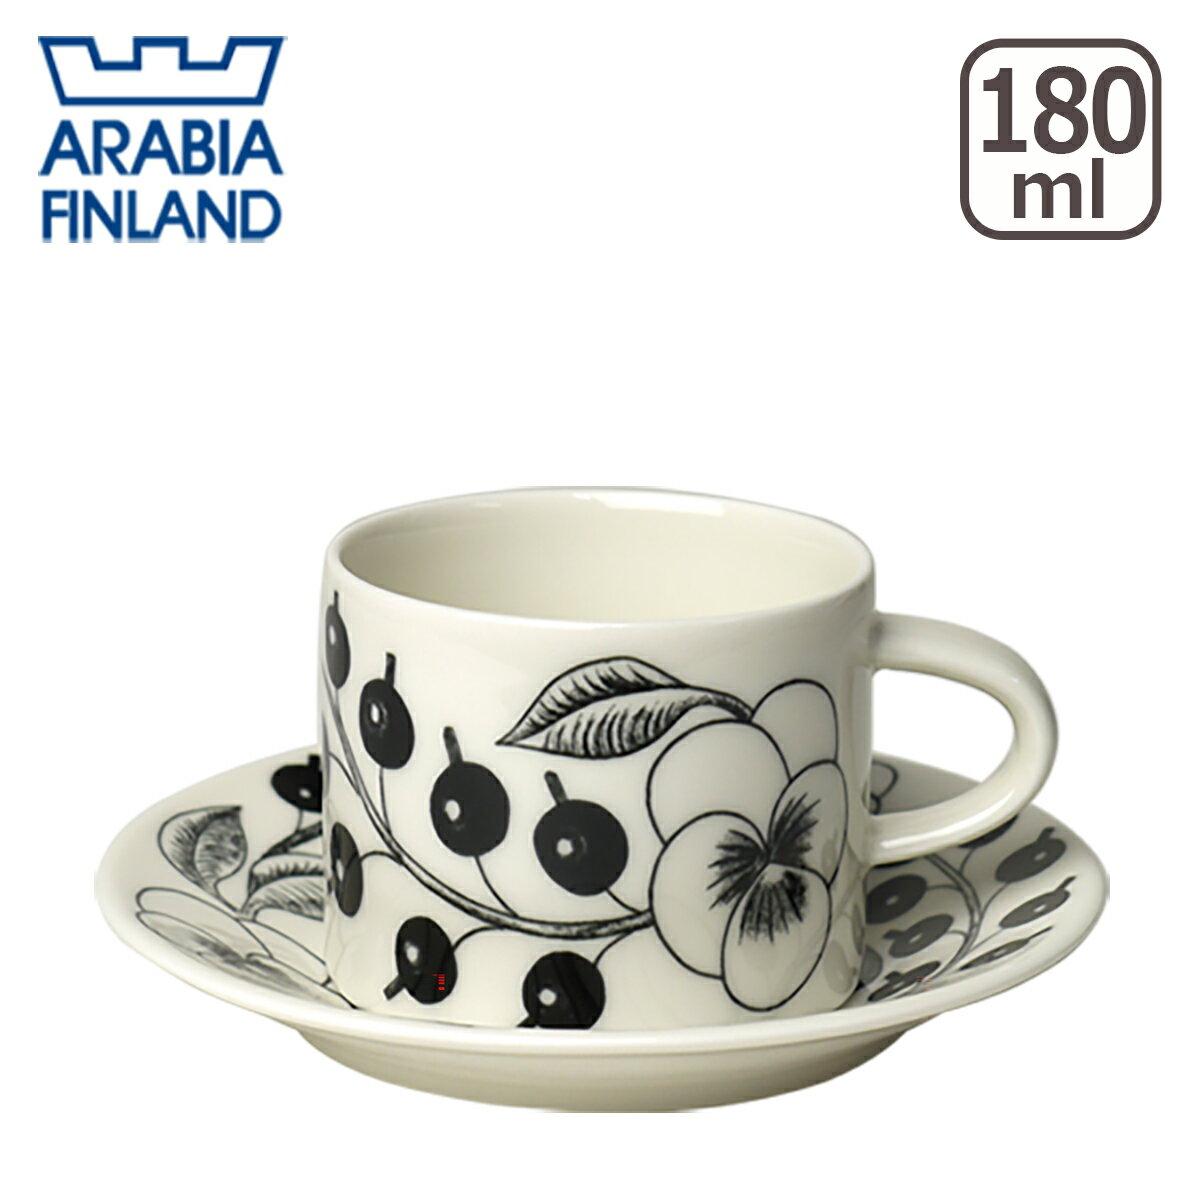 【3%offクーポン】アラビア(Arabia) ブラックパラティッシ(ブラック パラティッシ) コーヒーカップ&ソーサー セット(Paratiisi)北欧 フィンランド 食器 Arabia(アラビア/ブラックパラティッシ/食器洗い機 対応) ギフト・のし可 GF3